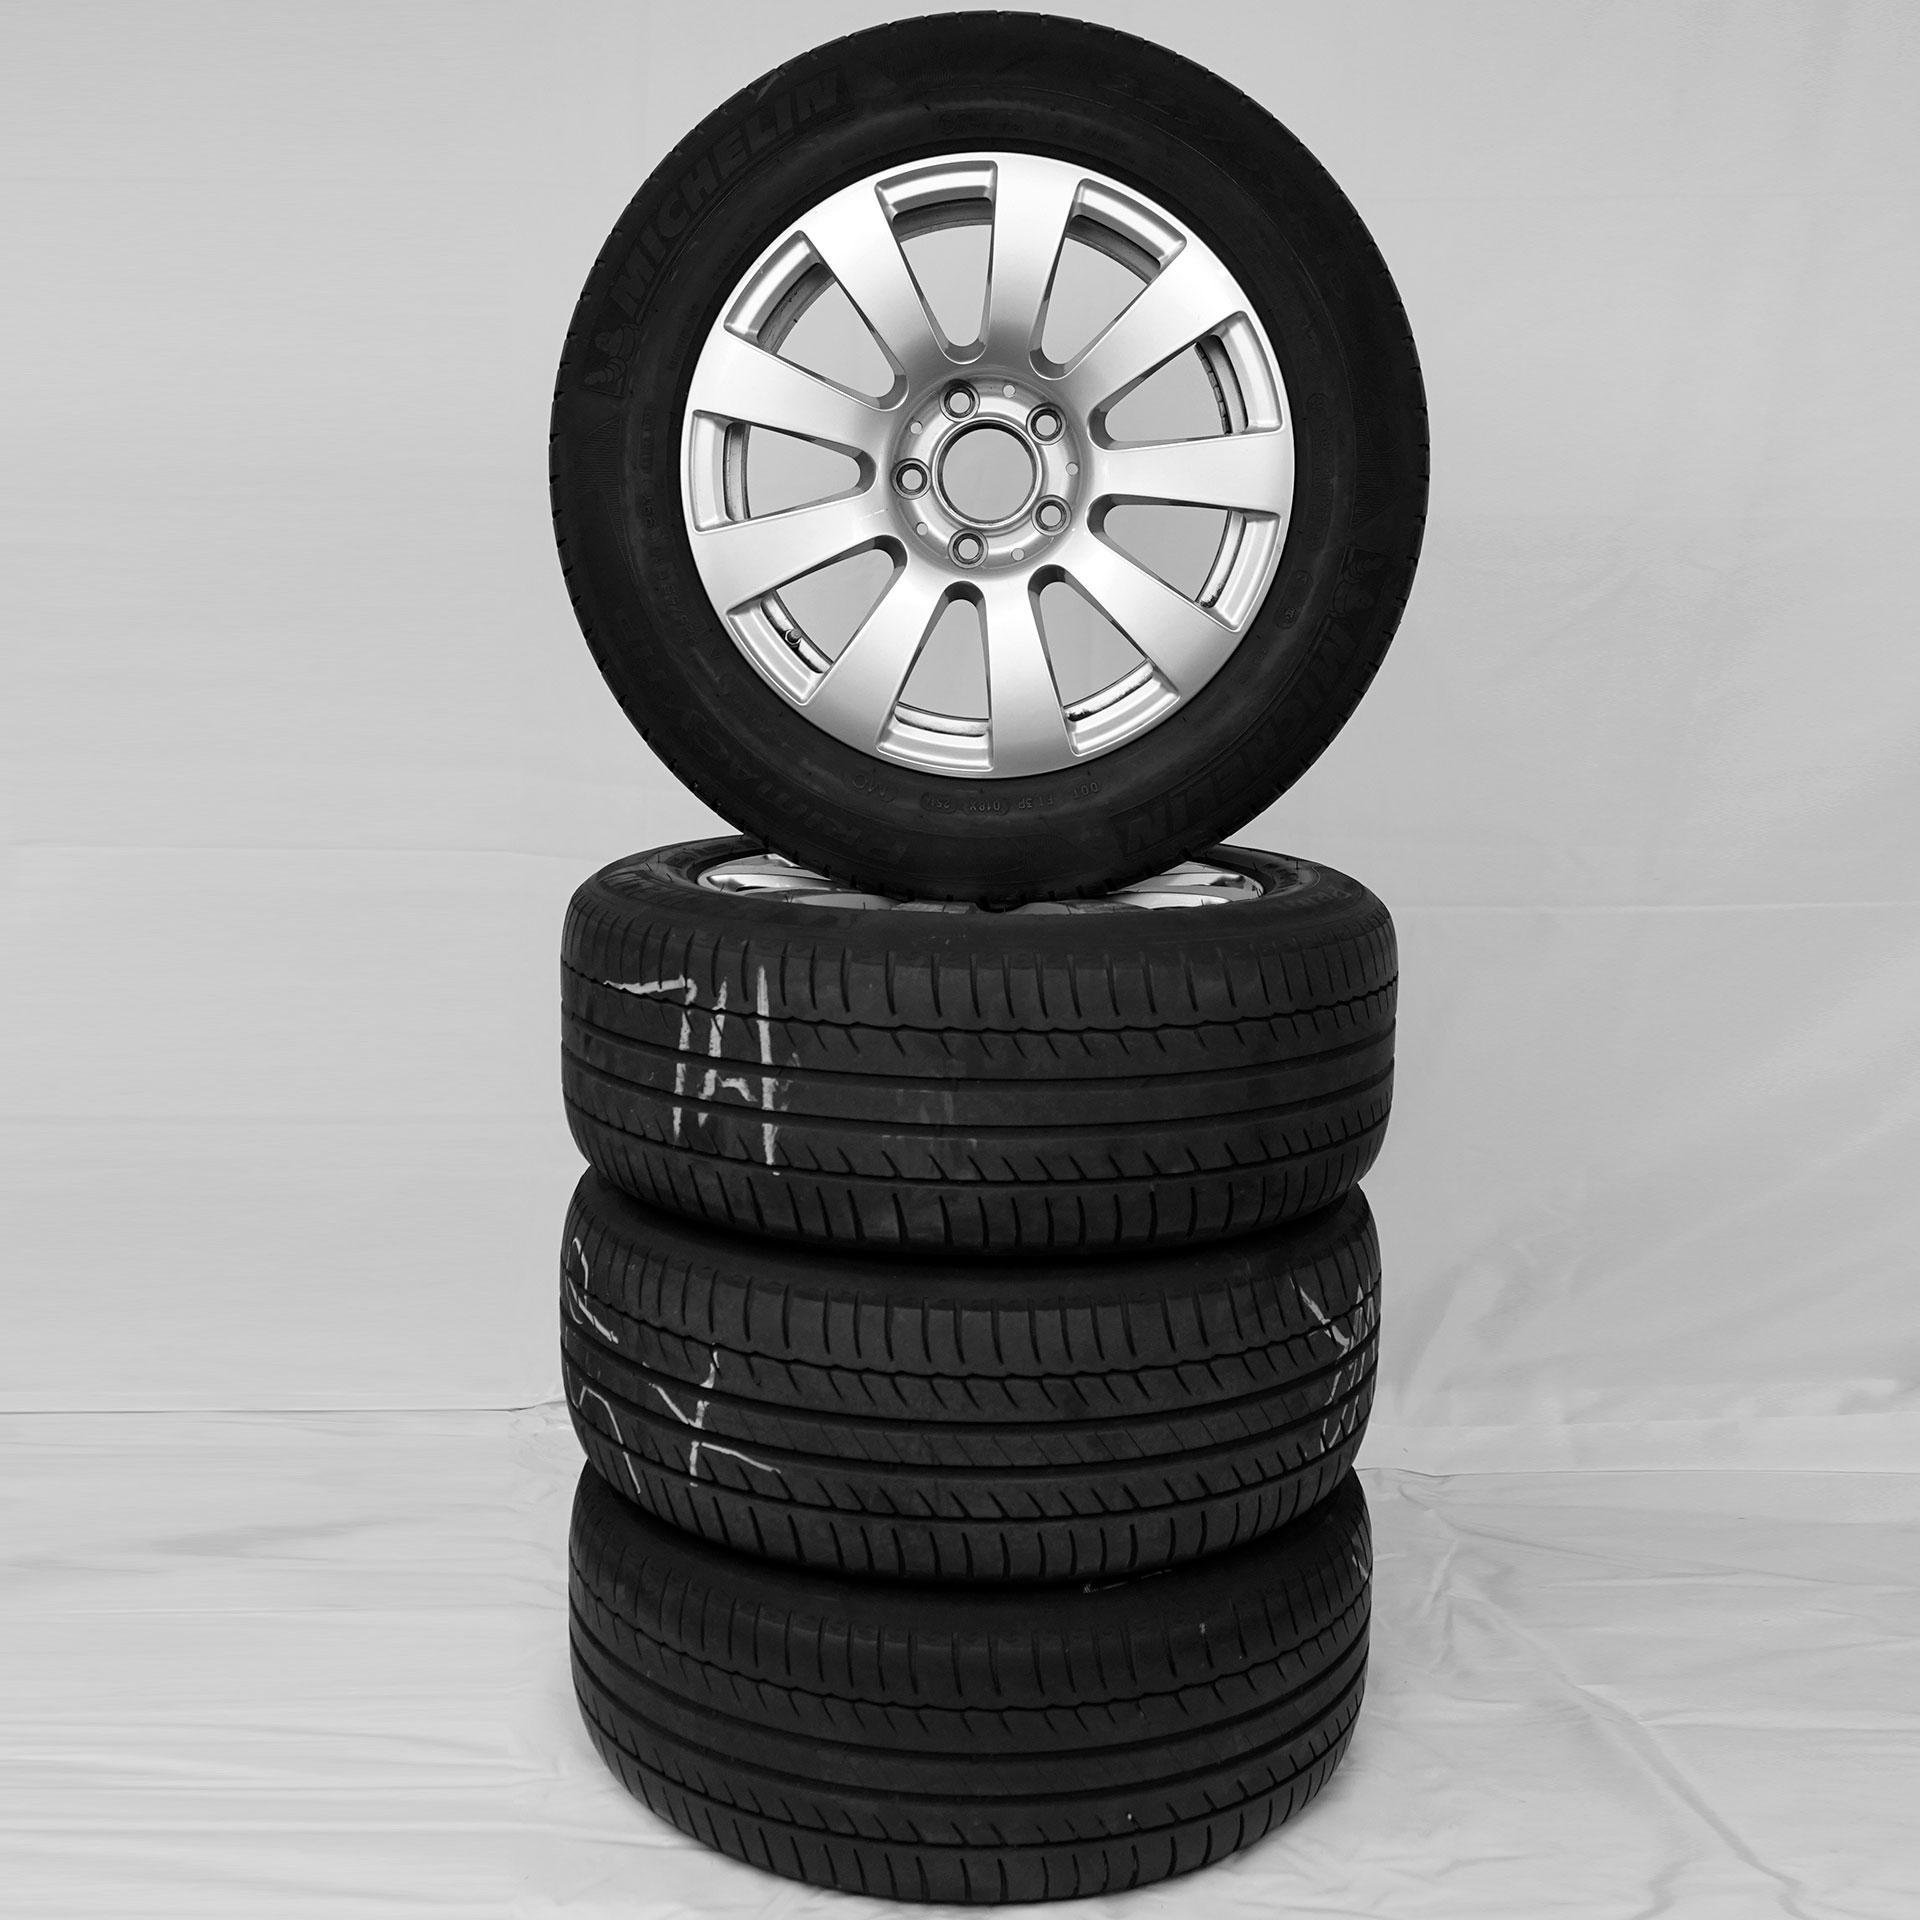 C-Klasse (205) Gebrauchter 16 Zoll Original Mercedes-Benz Sommerkomplettrad-Satz Michelin